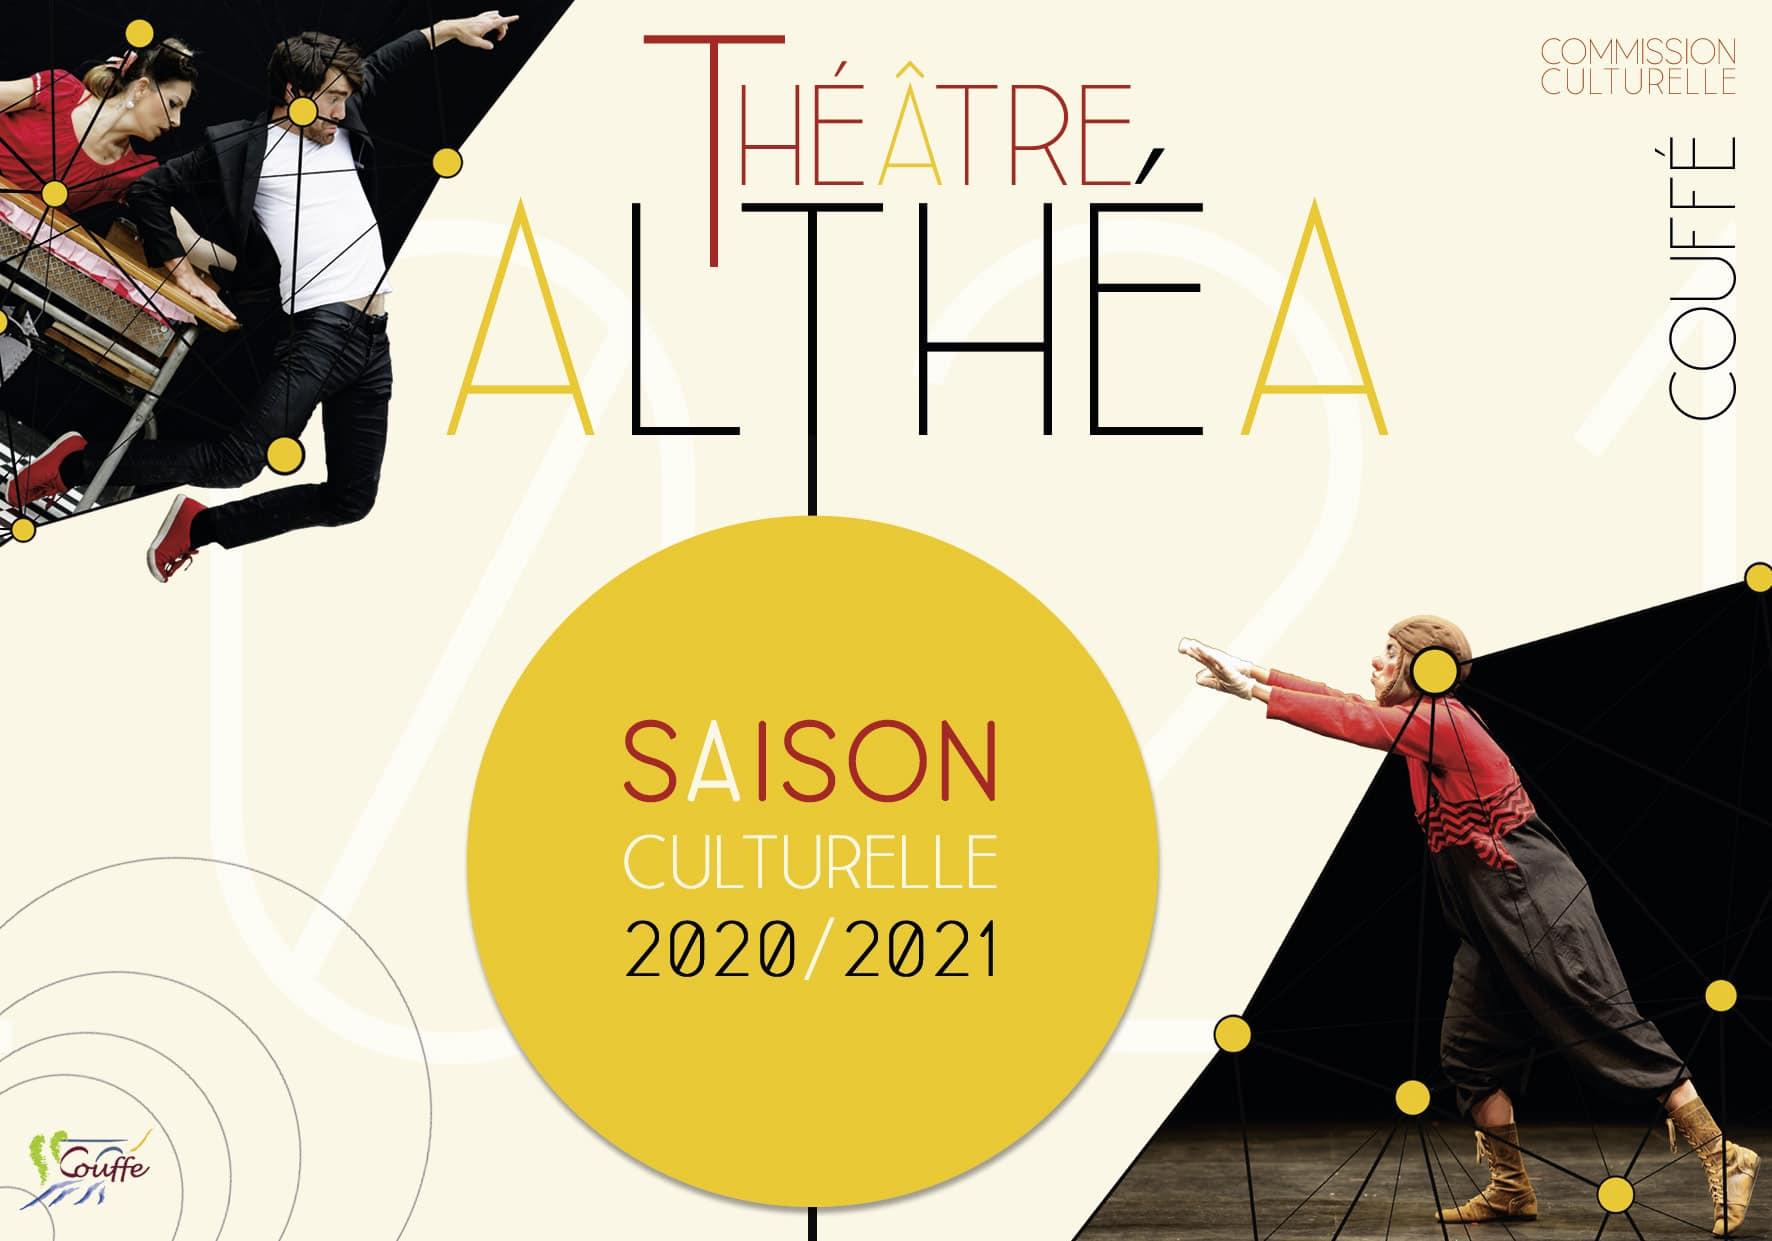 COUFFE-Saison-culturelle-brochure-A6-2020001788-AC_Page_01